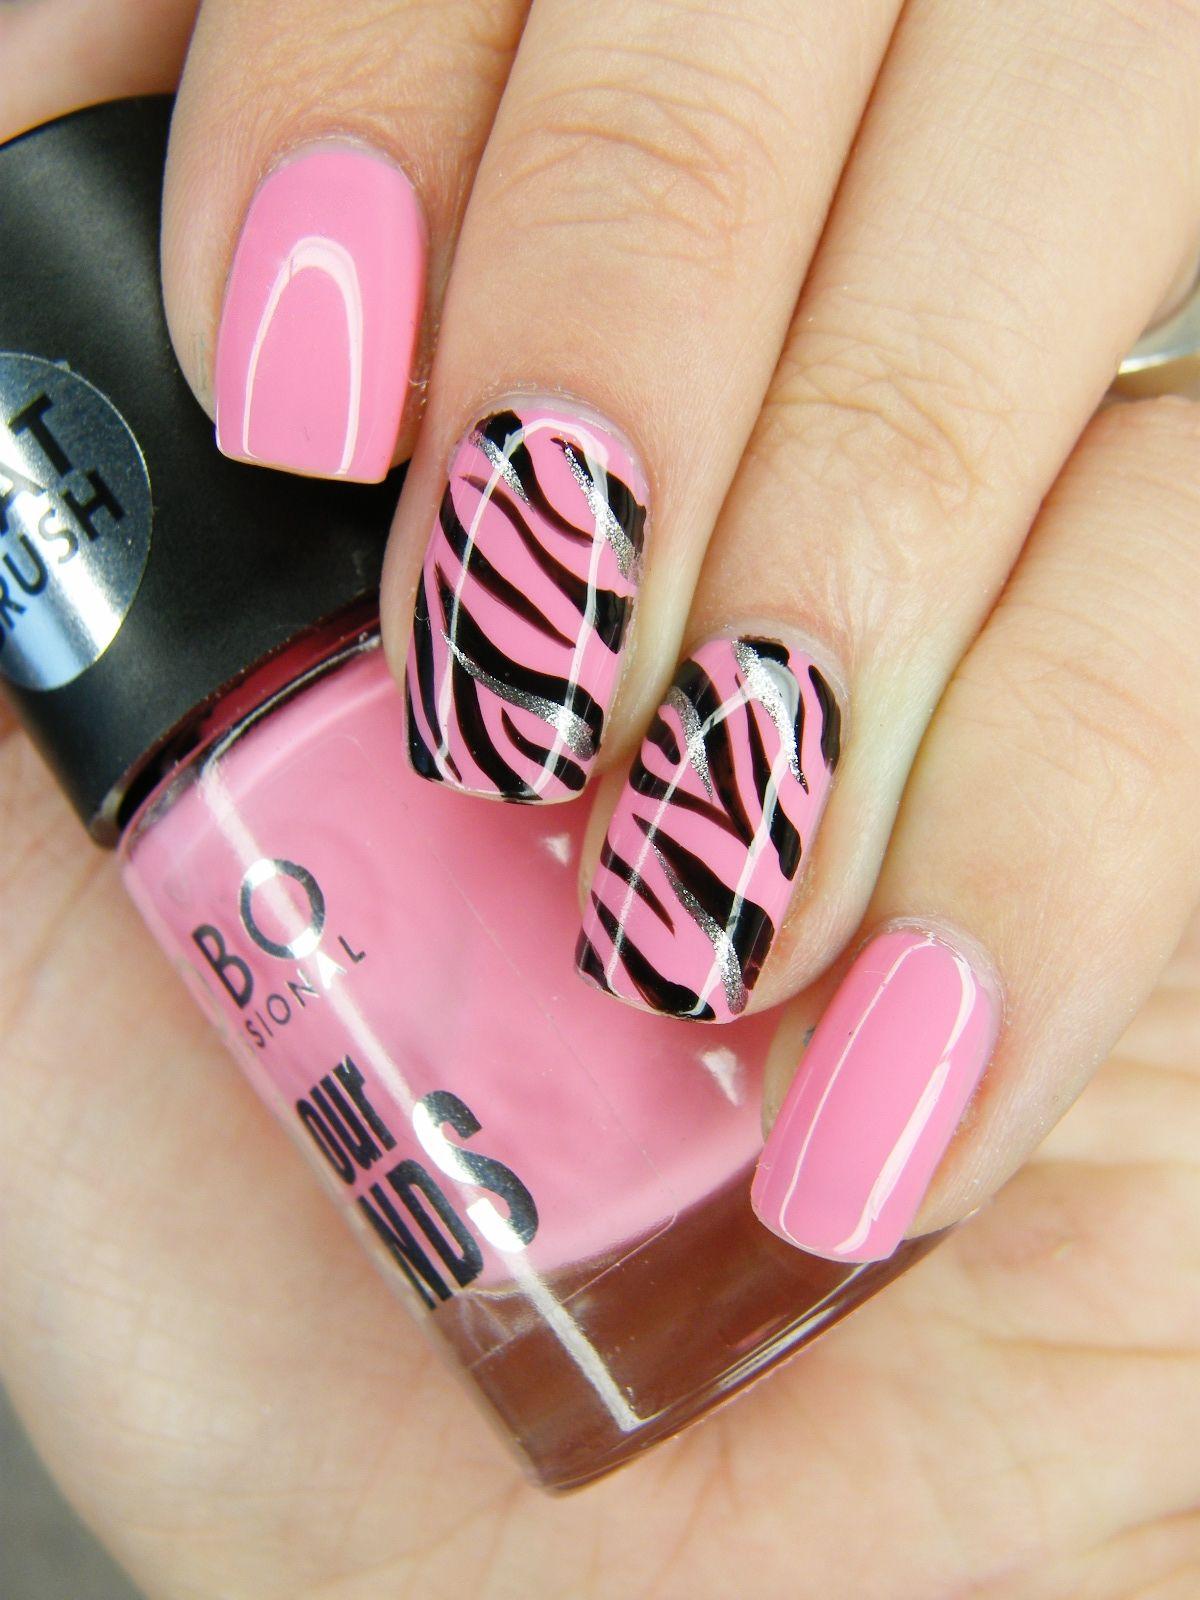 Nails Revolutions by Alicja Fik #nail #nails #nailart | Beauty ...